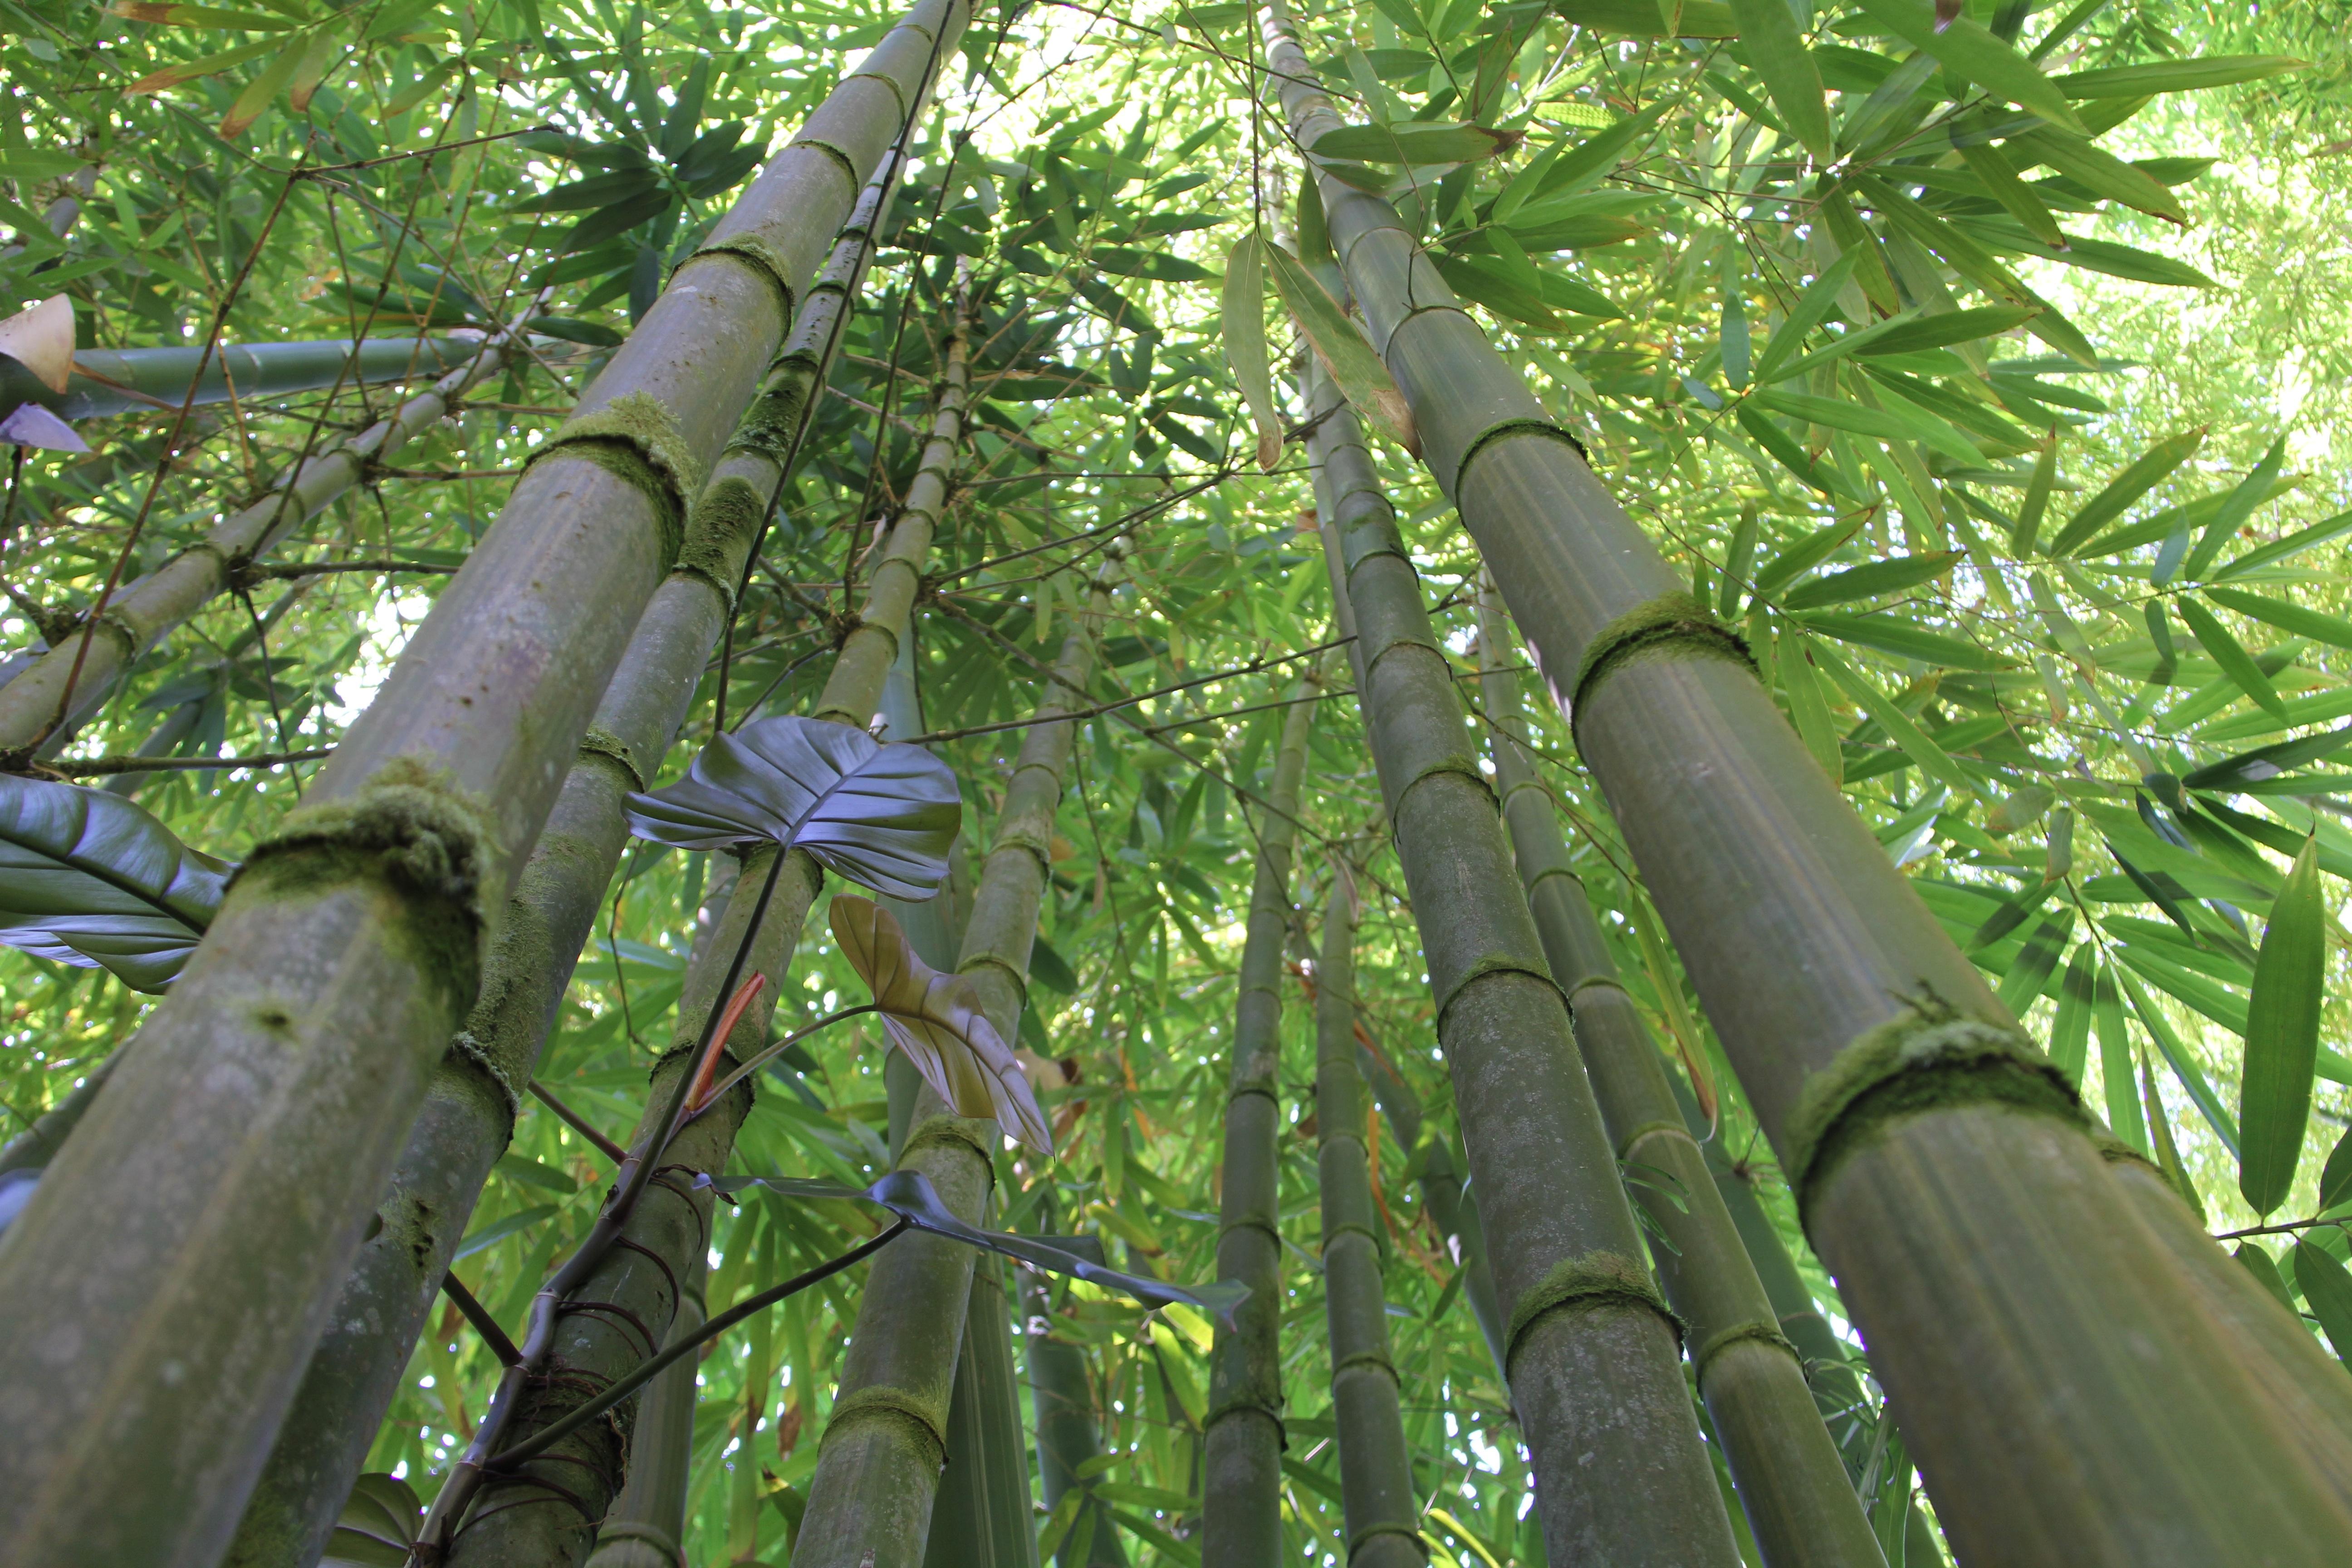 Bildet Tre Natur Gren Anlegg Stamme Gronn Jungel Tropisk